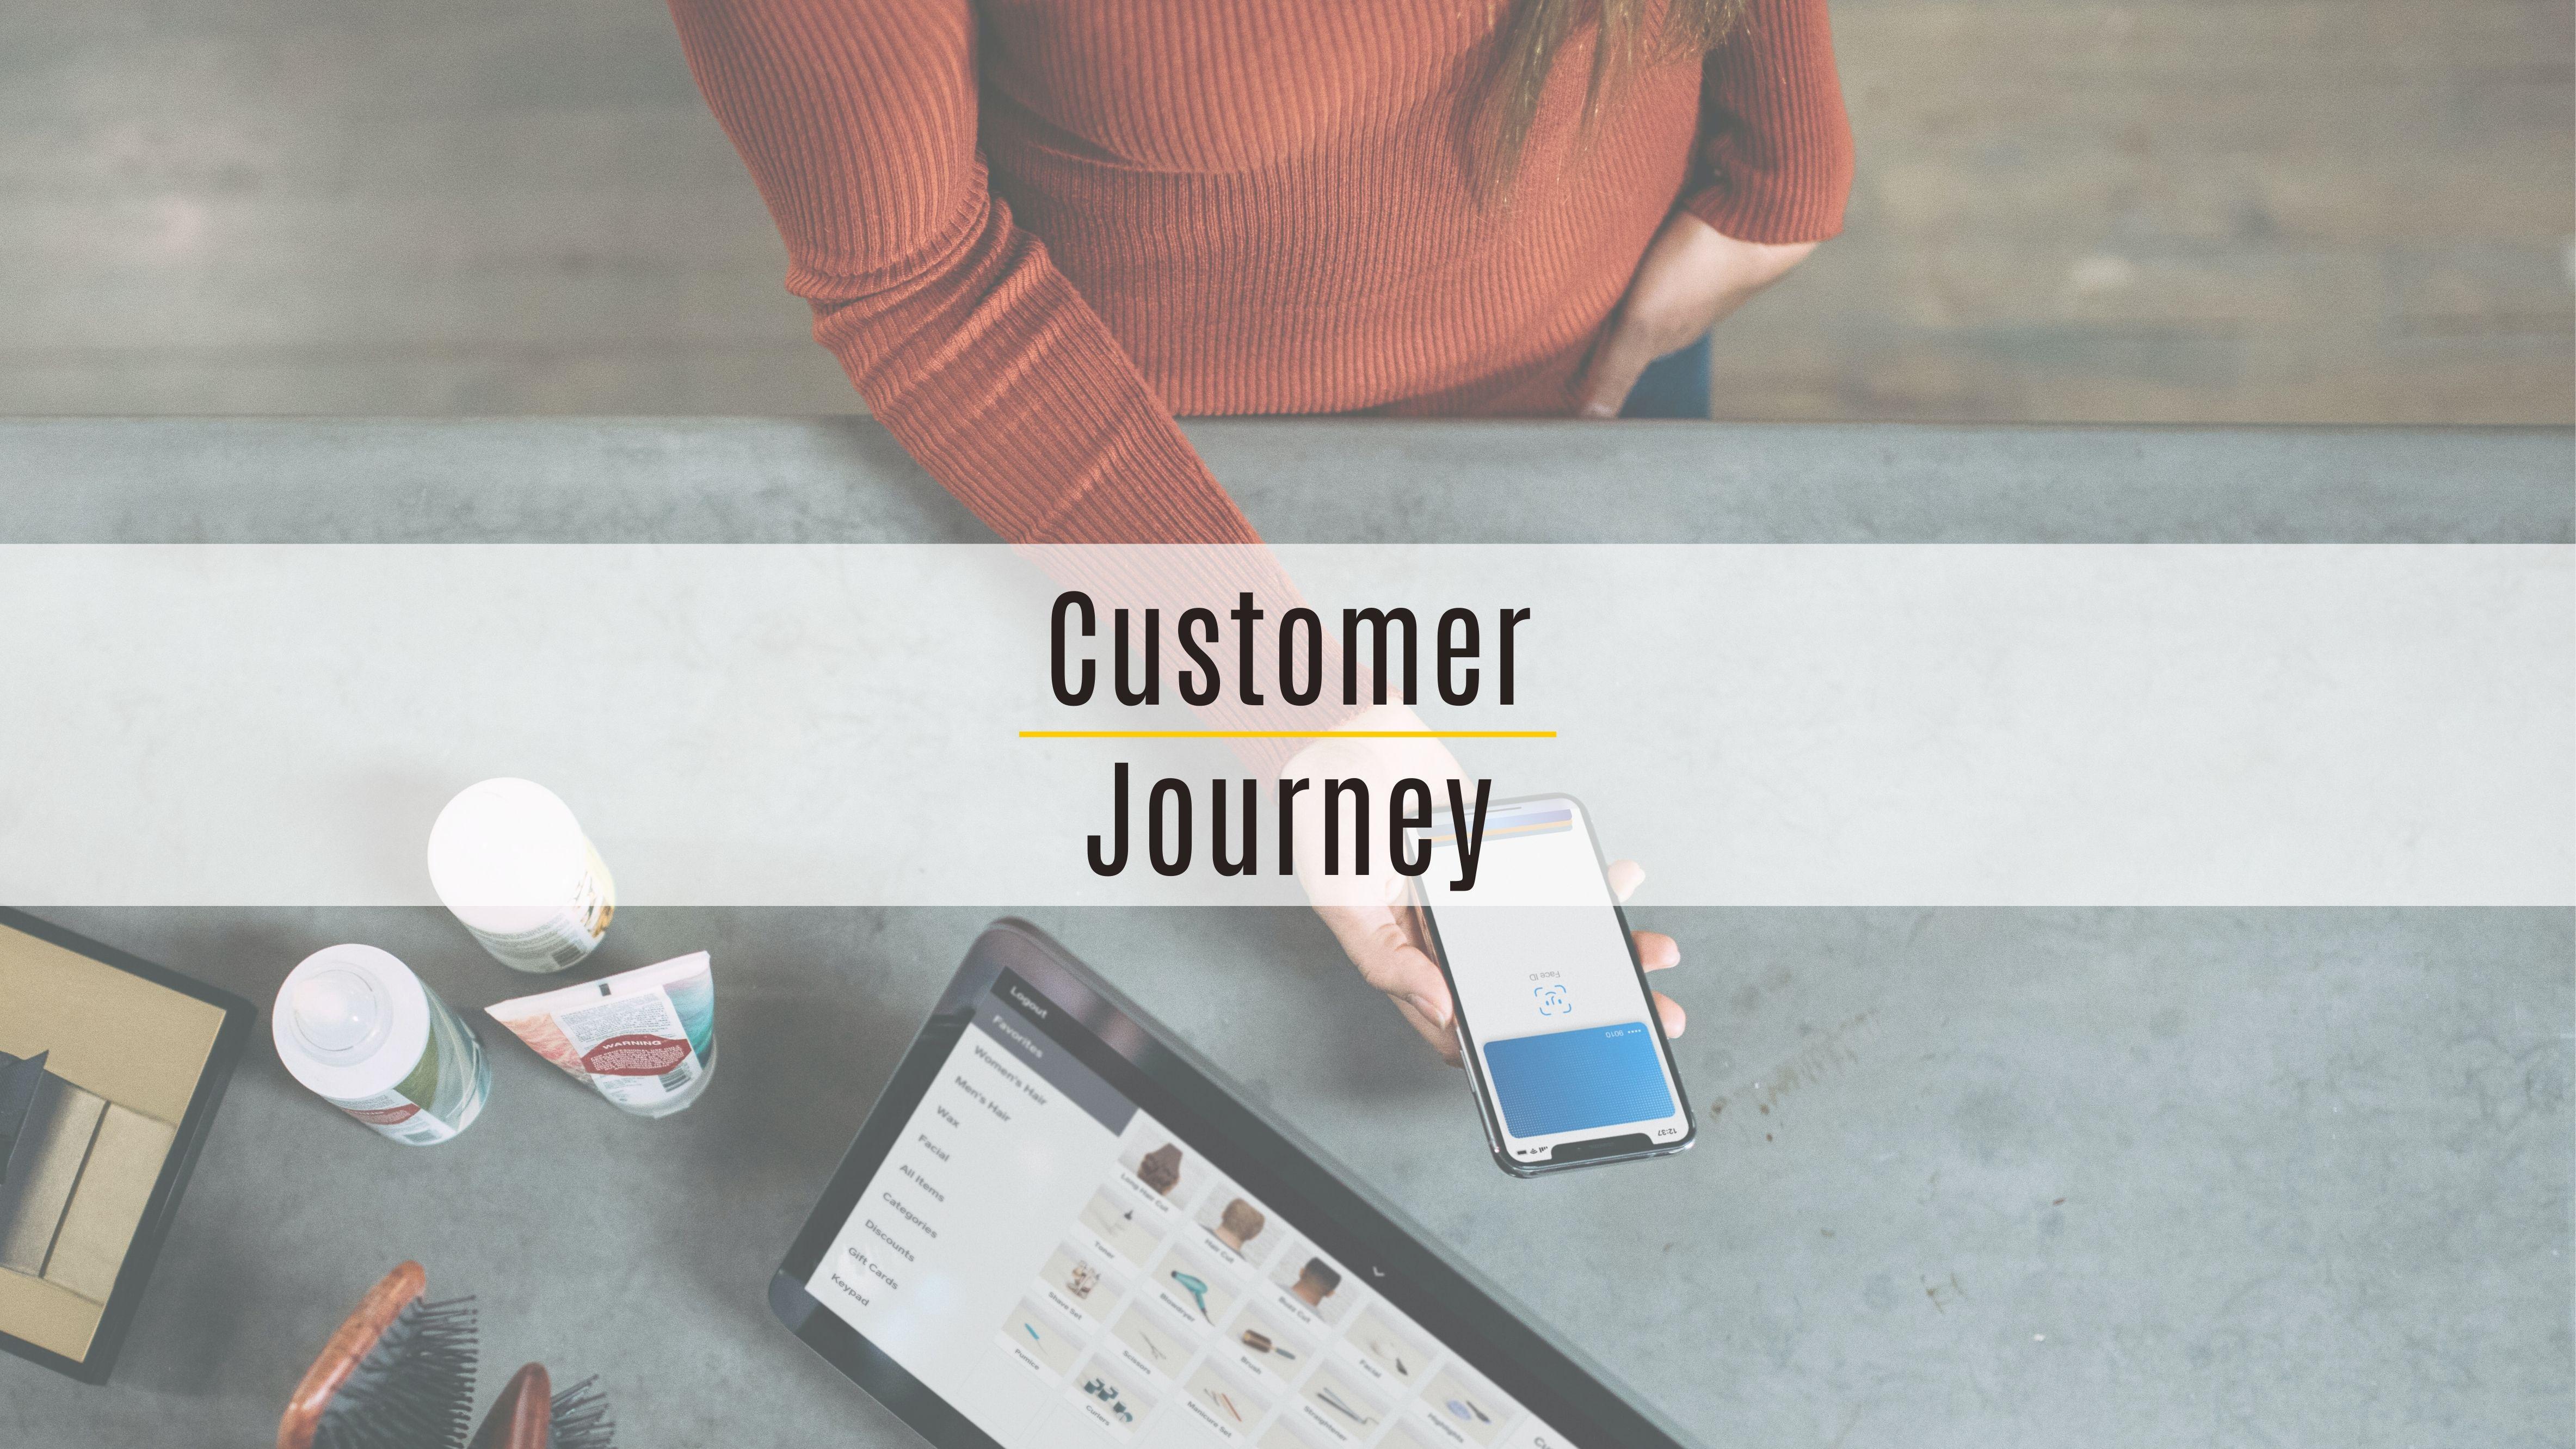 copertina articolo customer journey